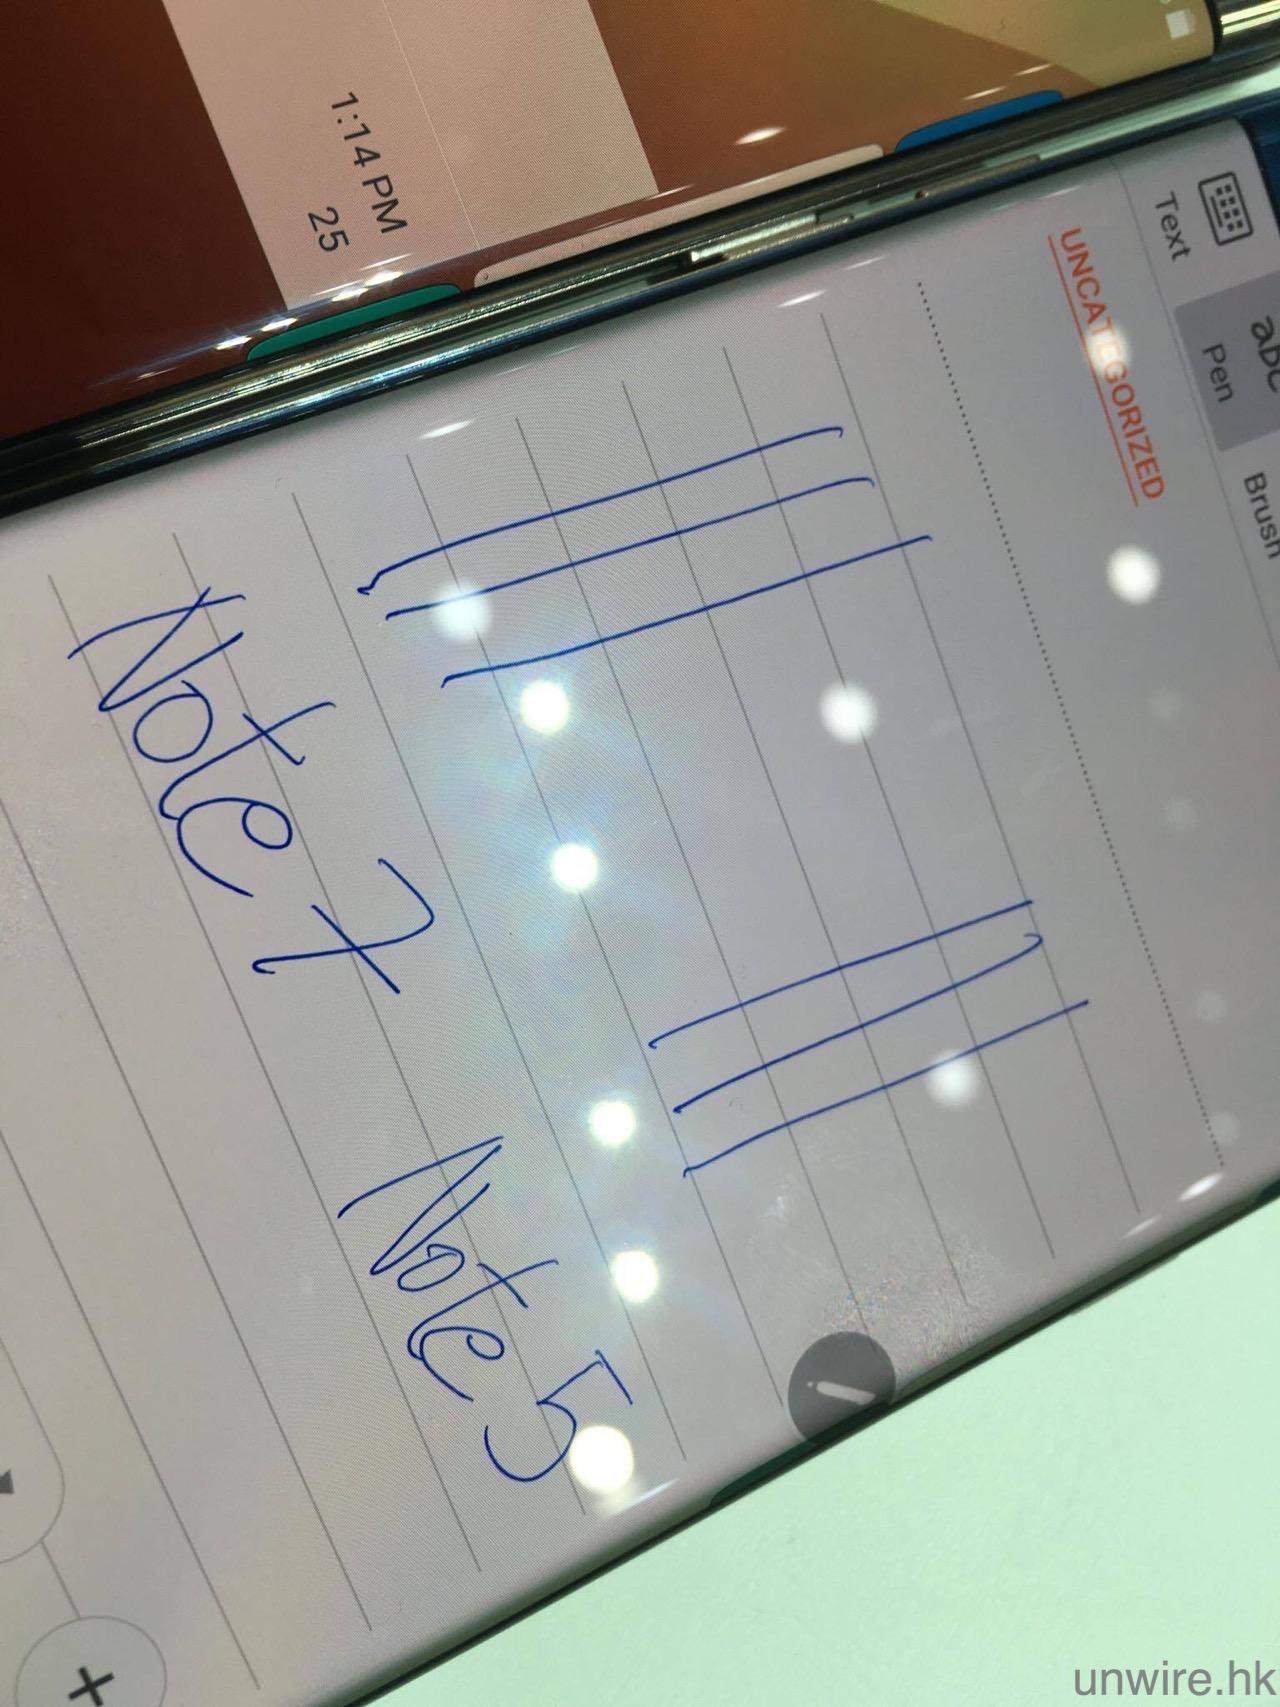 虹膜解鎖反應超快!Samsung Galaxy Note 7 天恩現場評測